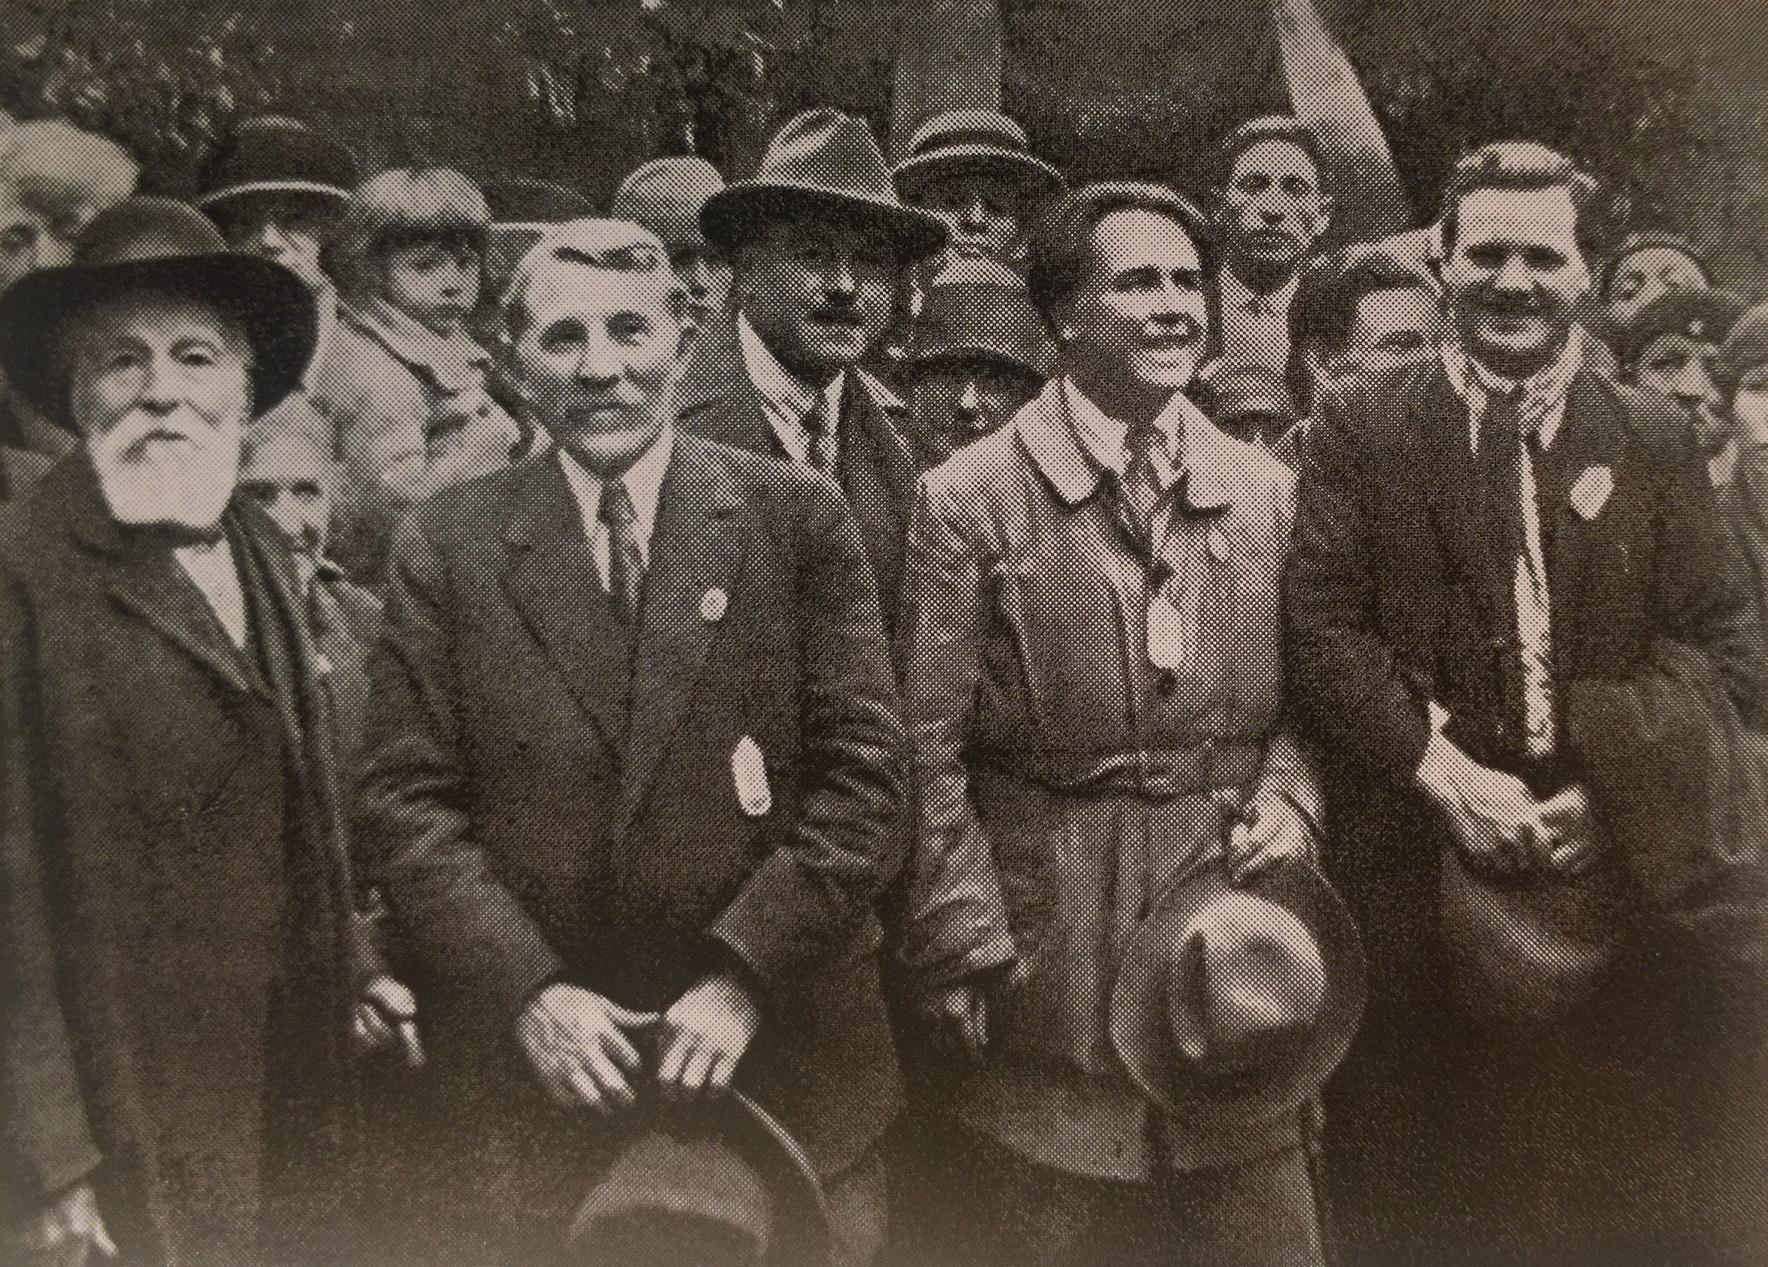 У Стены коммунаров на Пер-Лашез. (Слева направо) Камелина, Кашен, Садуль, Вайян-Кутюрье и Торез. 1926 год